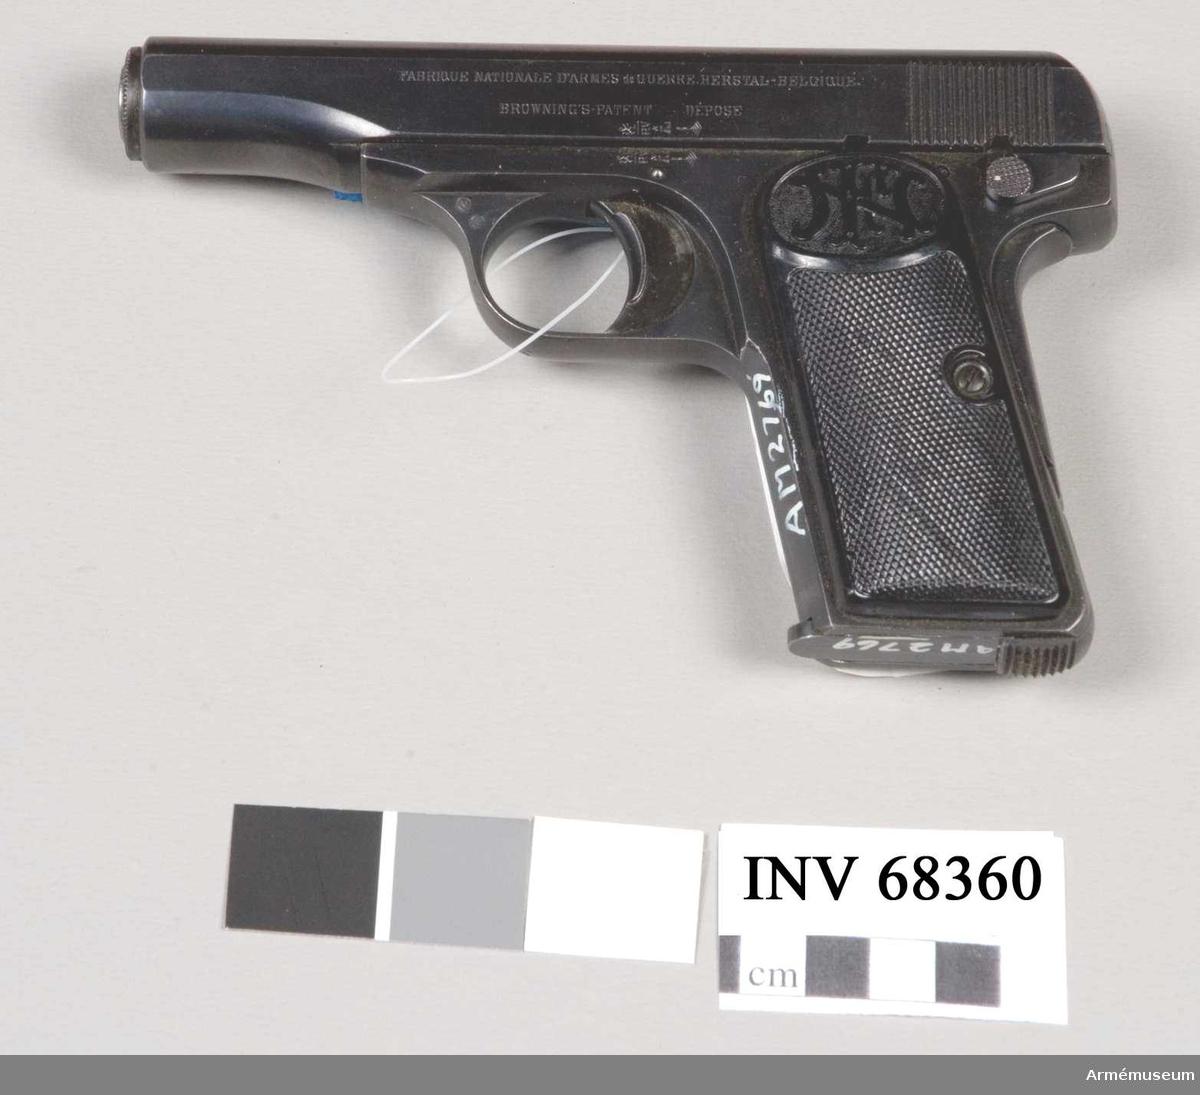 """Halvautomatisk pistol av system Browning. Består av: 1 pistol, halvautomatisk, 2 magasin, 1 läskstång, 1 laddblindpatron. Vapnet märkt """"(FN) P.V ÅL  (V) (R)""""."""